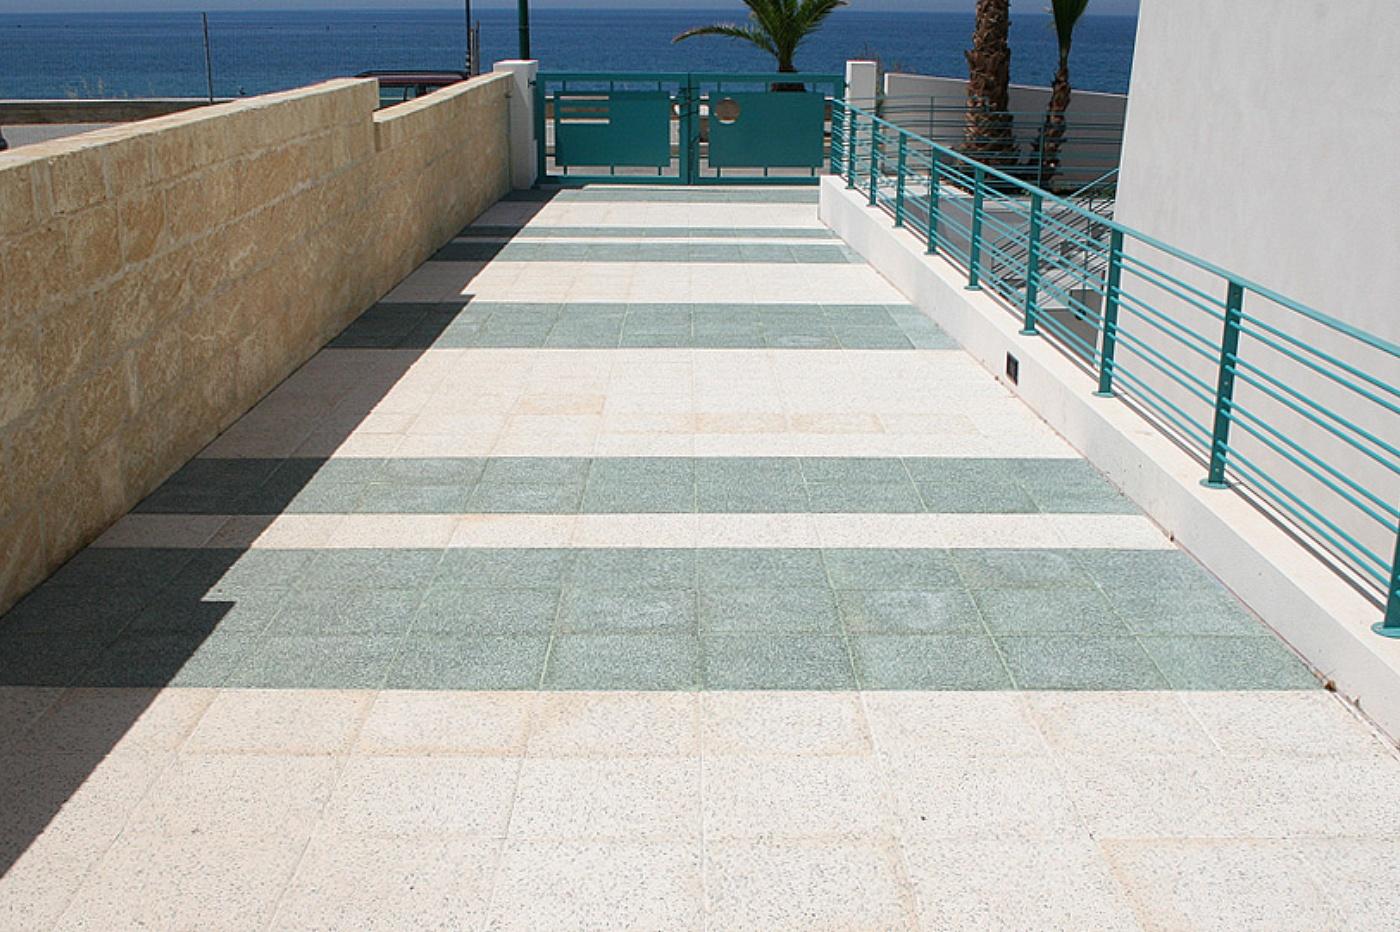 Pavimenti In Cemento Per Esterno : Cimino pavimenti pavimenti in cemento per esterni